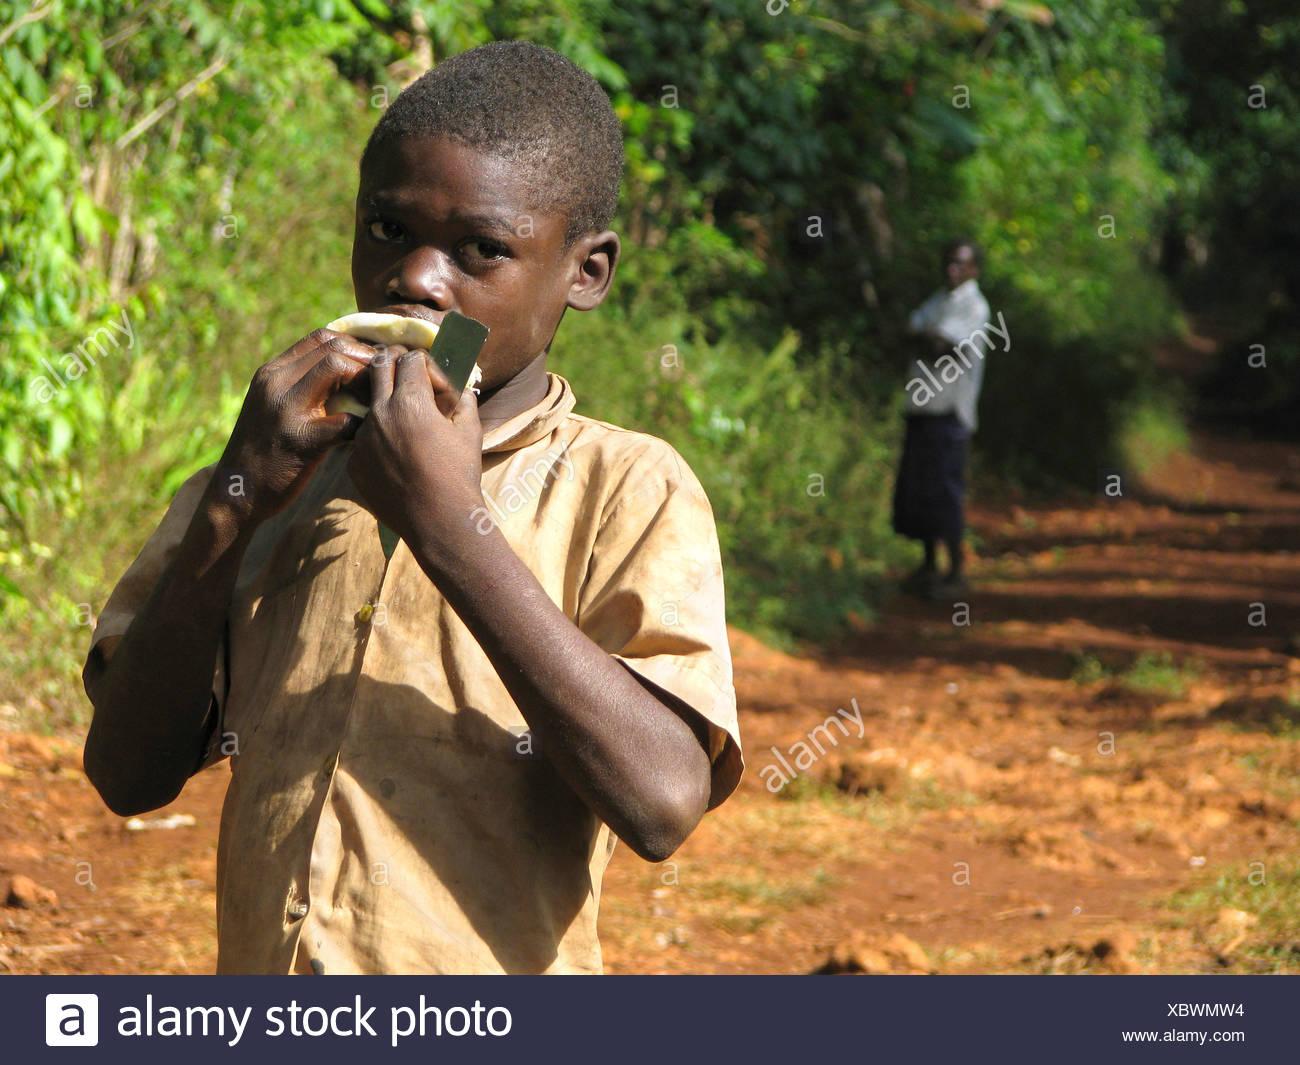 Garçon en zone rurale est de sucer sur une orange, l'homme regarde en arrière-plan, Haïti, Grande Anse, Jeremie Photo Stock